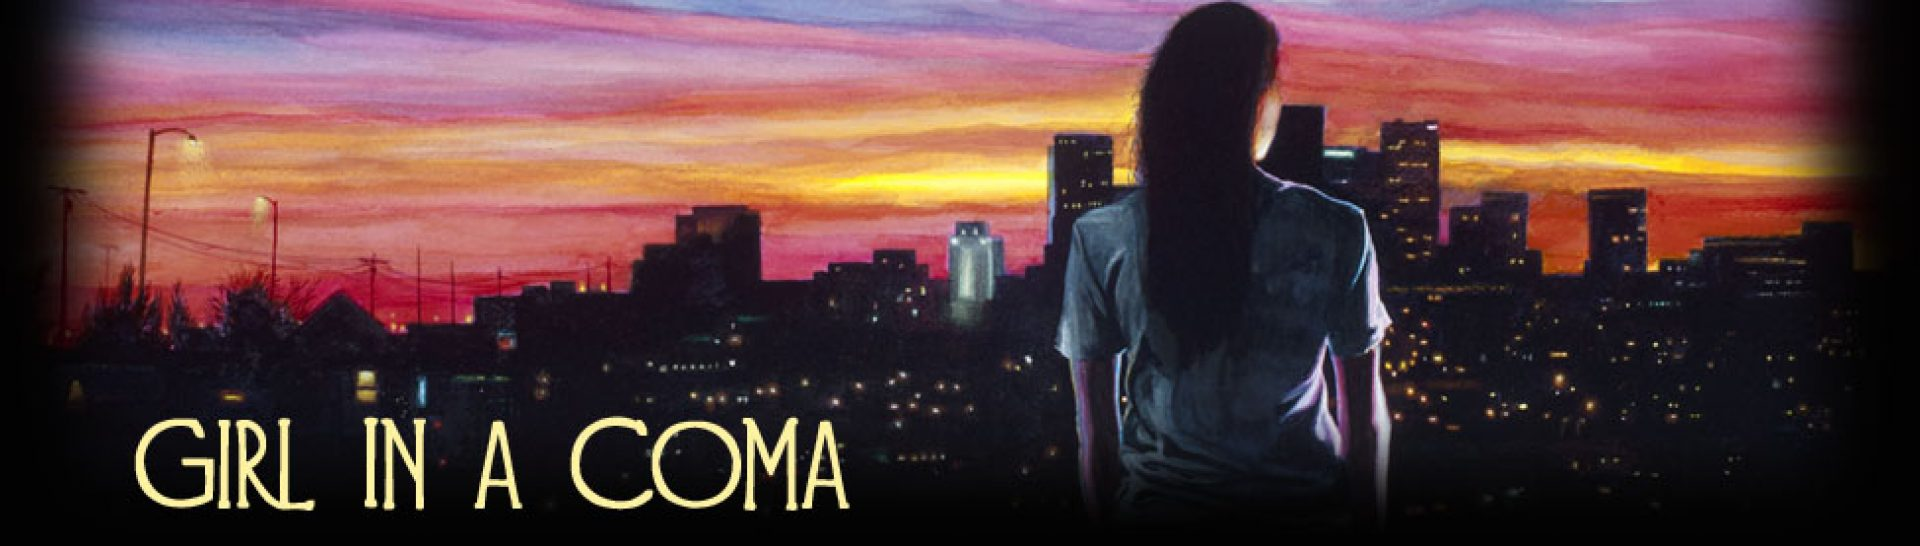 girlinacoma - Membahas Tentang Grup Band Wanita Girl in a Coma